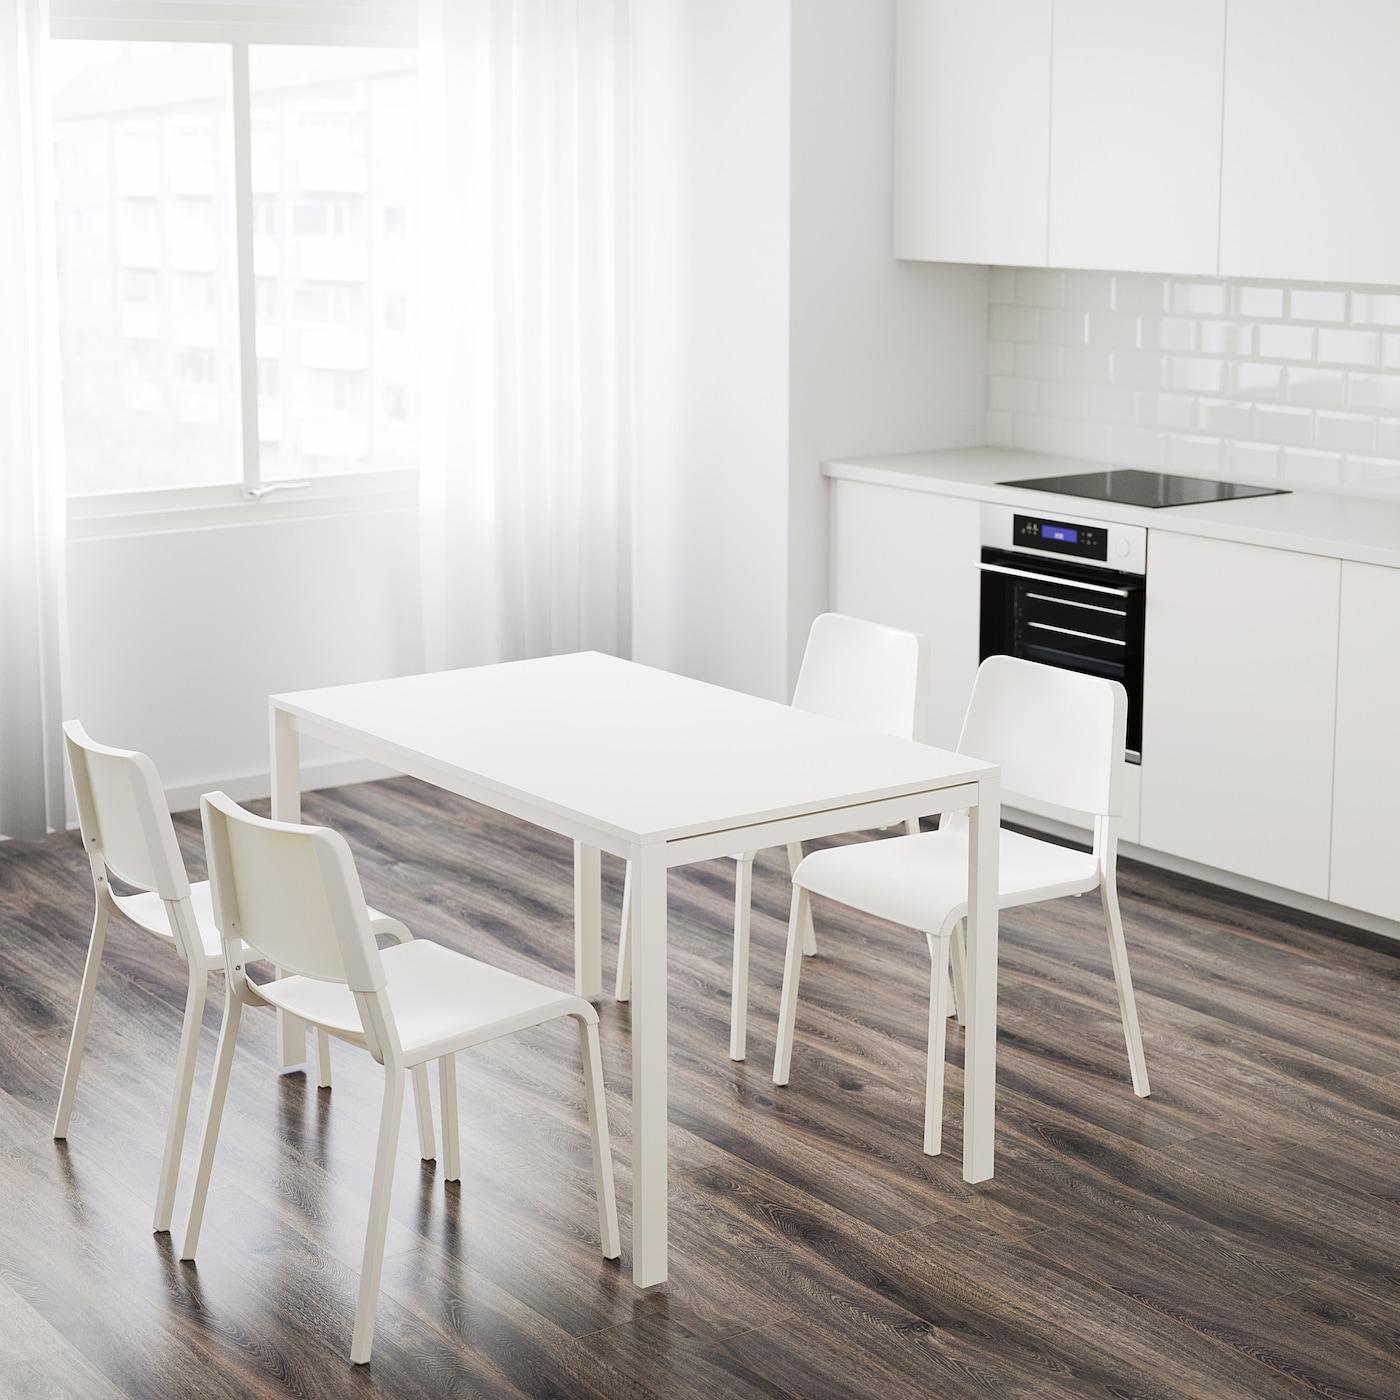 MELLTORP TEODORES Bord og 4 stoler hvit IKEA